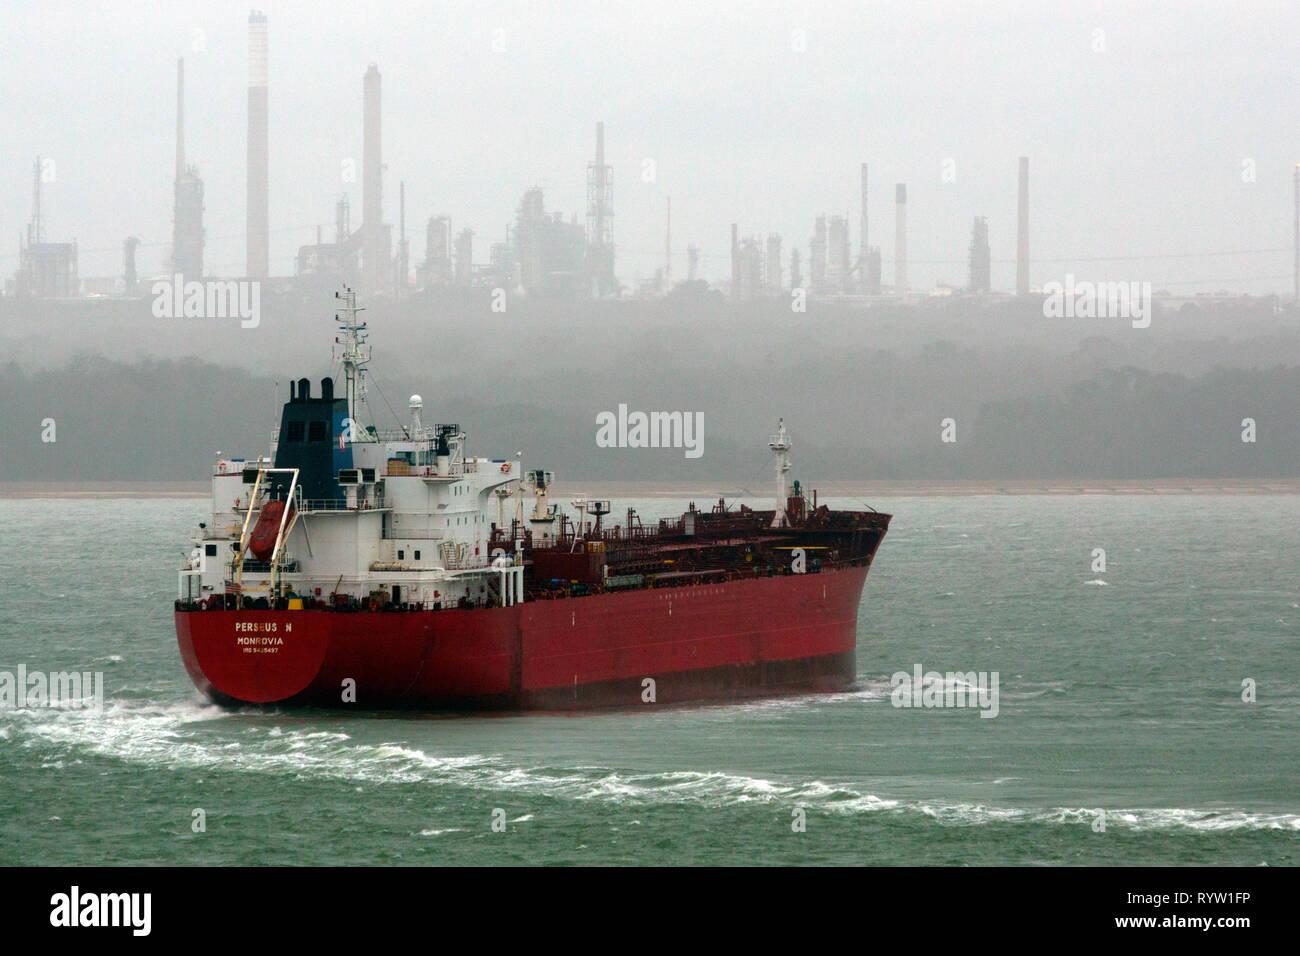 Öl-, Chemie-, Tanker, Perseus N, registriert, Monrovia, der Solent, Fawley, Öl, Raffinerie, Southampton, Cowes, Isle of Wight, Hampshire, England, Vereinigtes Königreich, Stockfoto